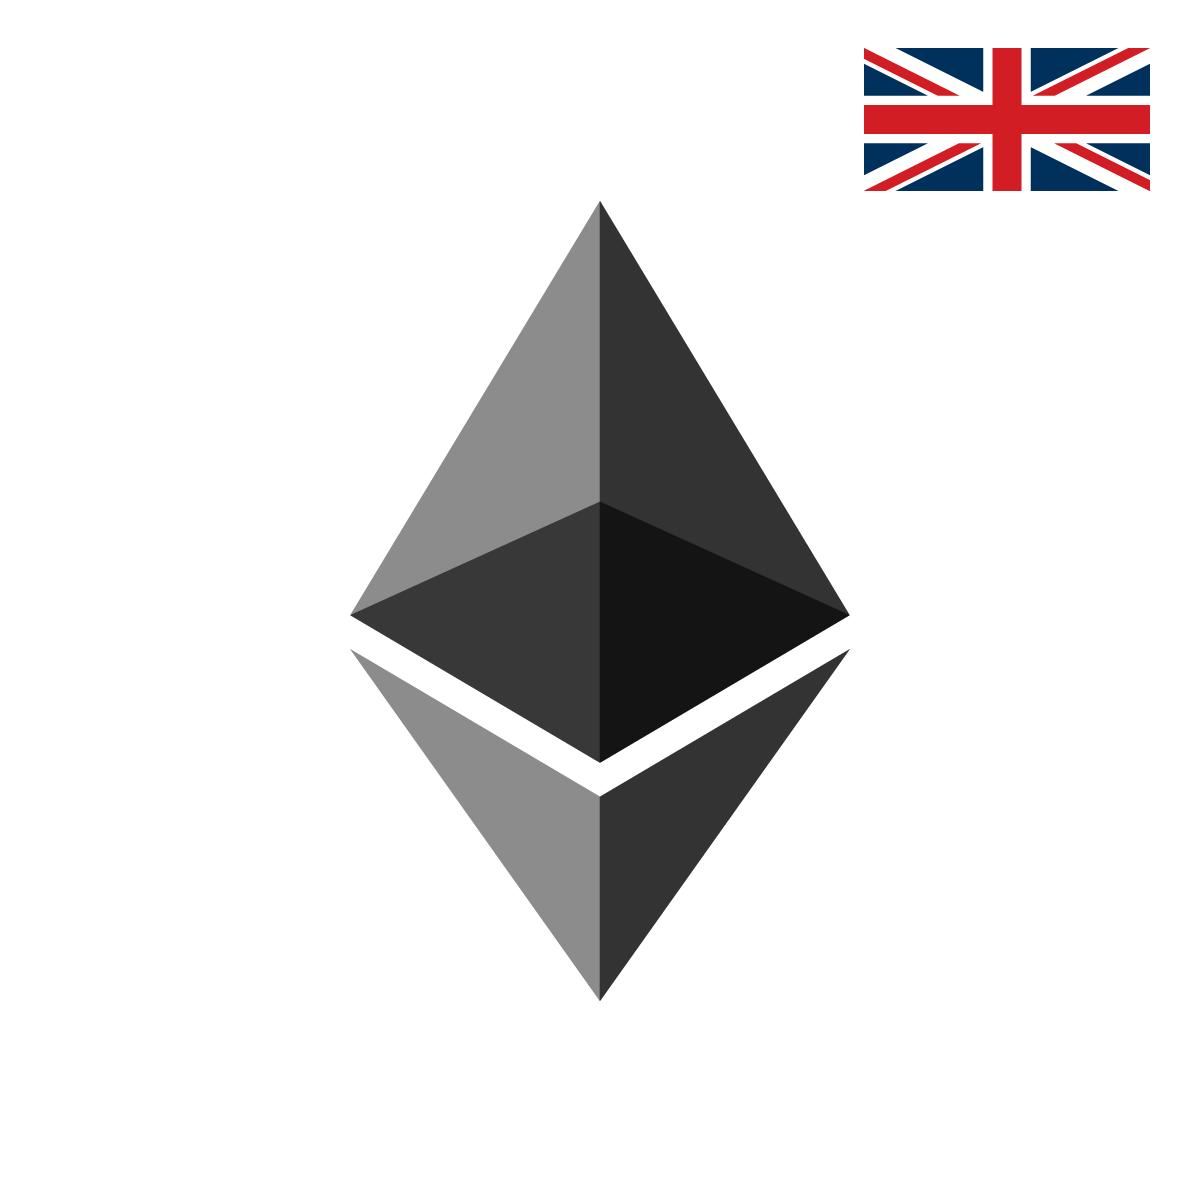 Ethereum London image